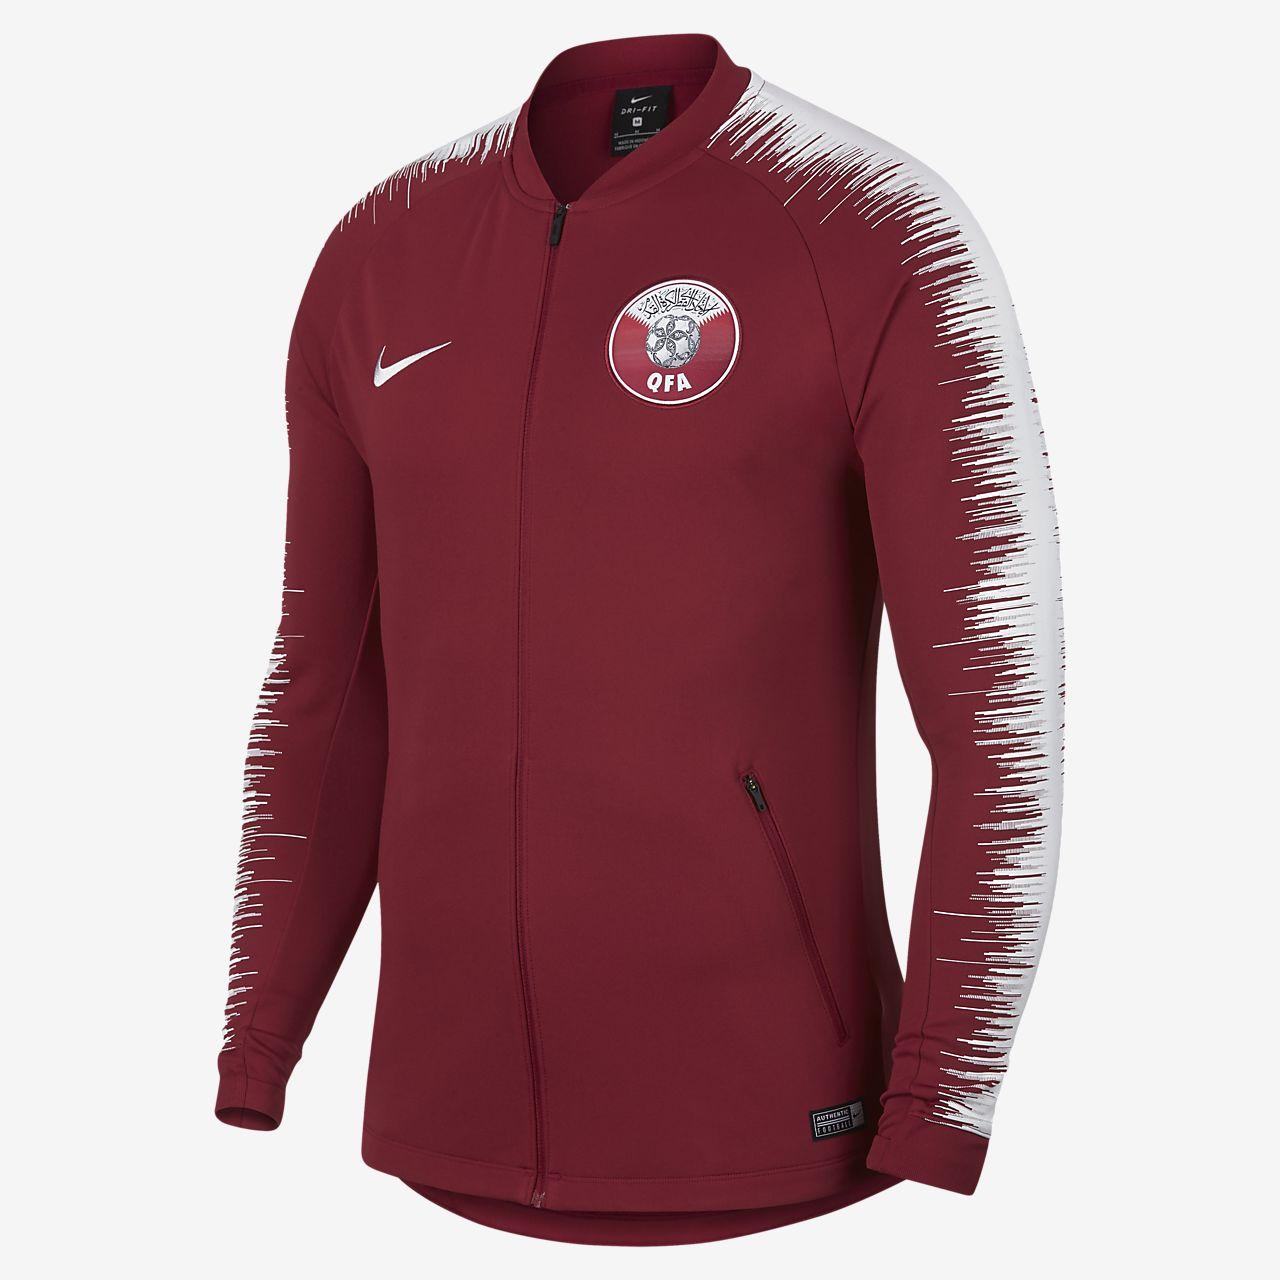 Giacca da calcio Qatar Anthem - Uomo